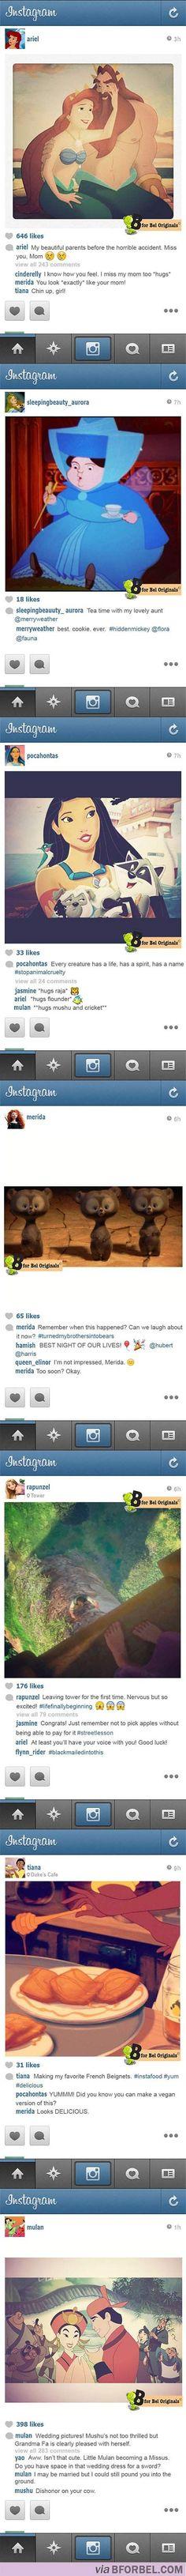 If Disney princesses had Instagram...Hilarious!: